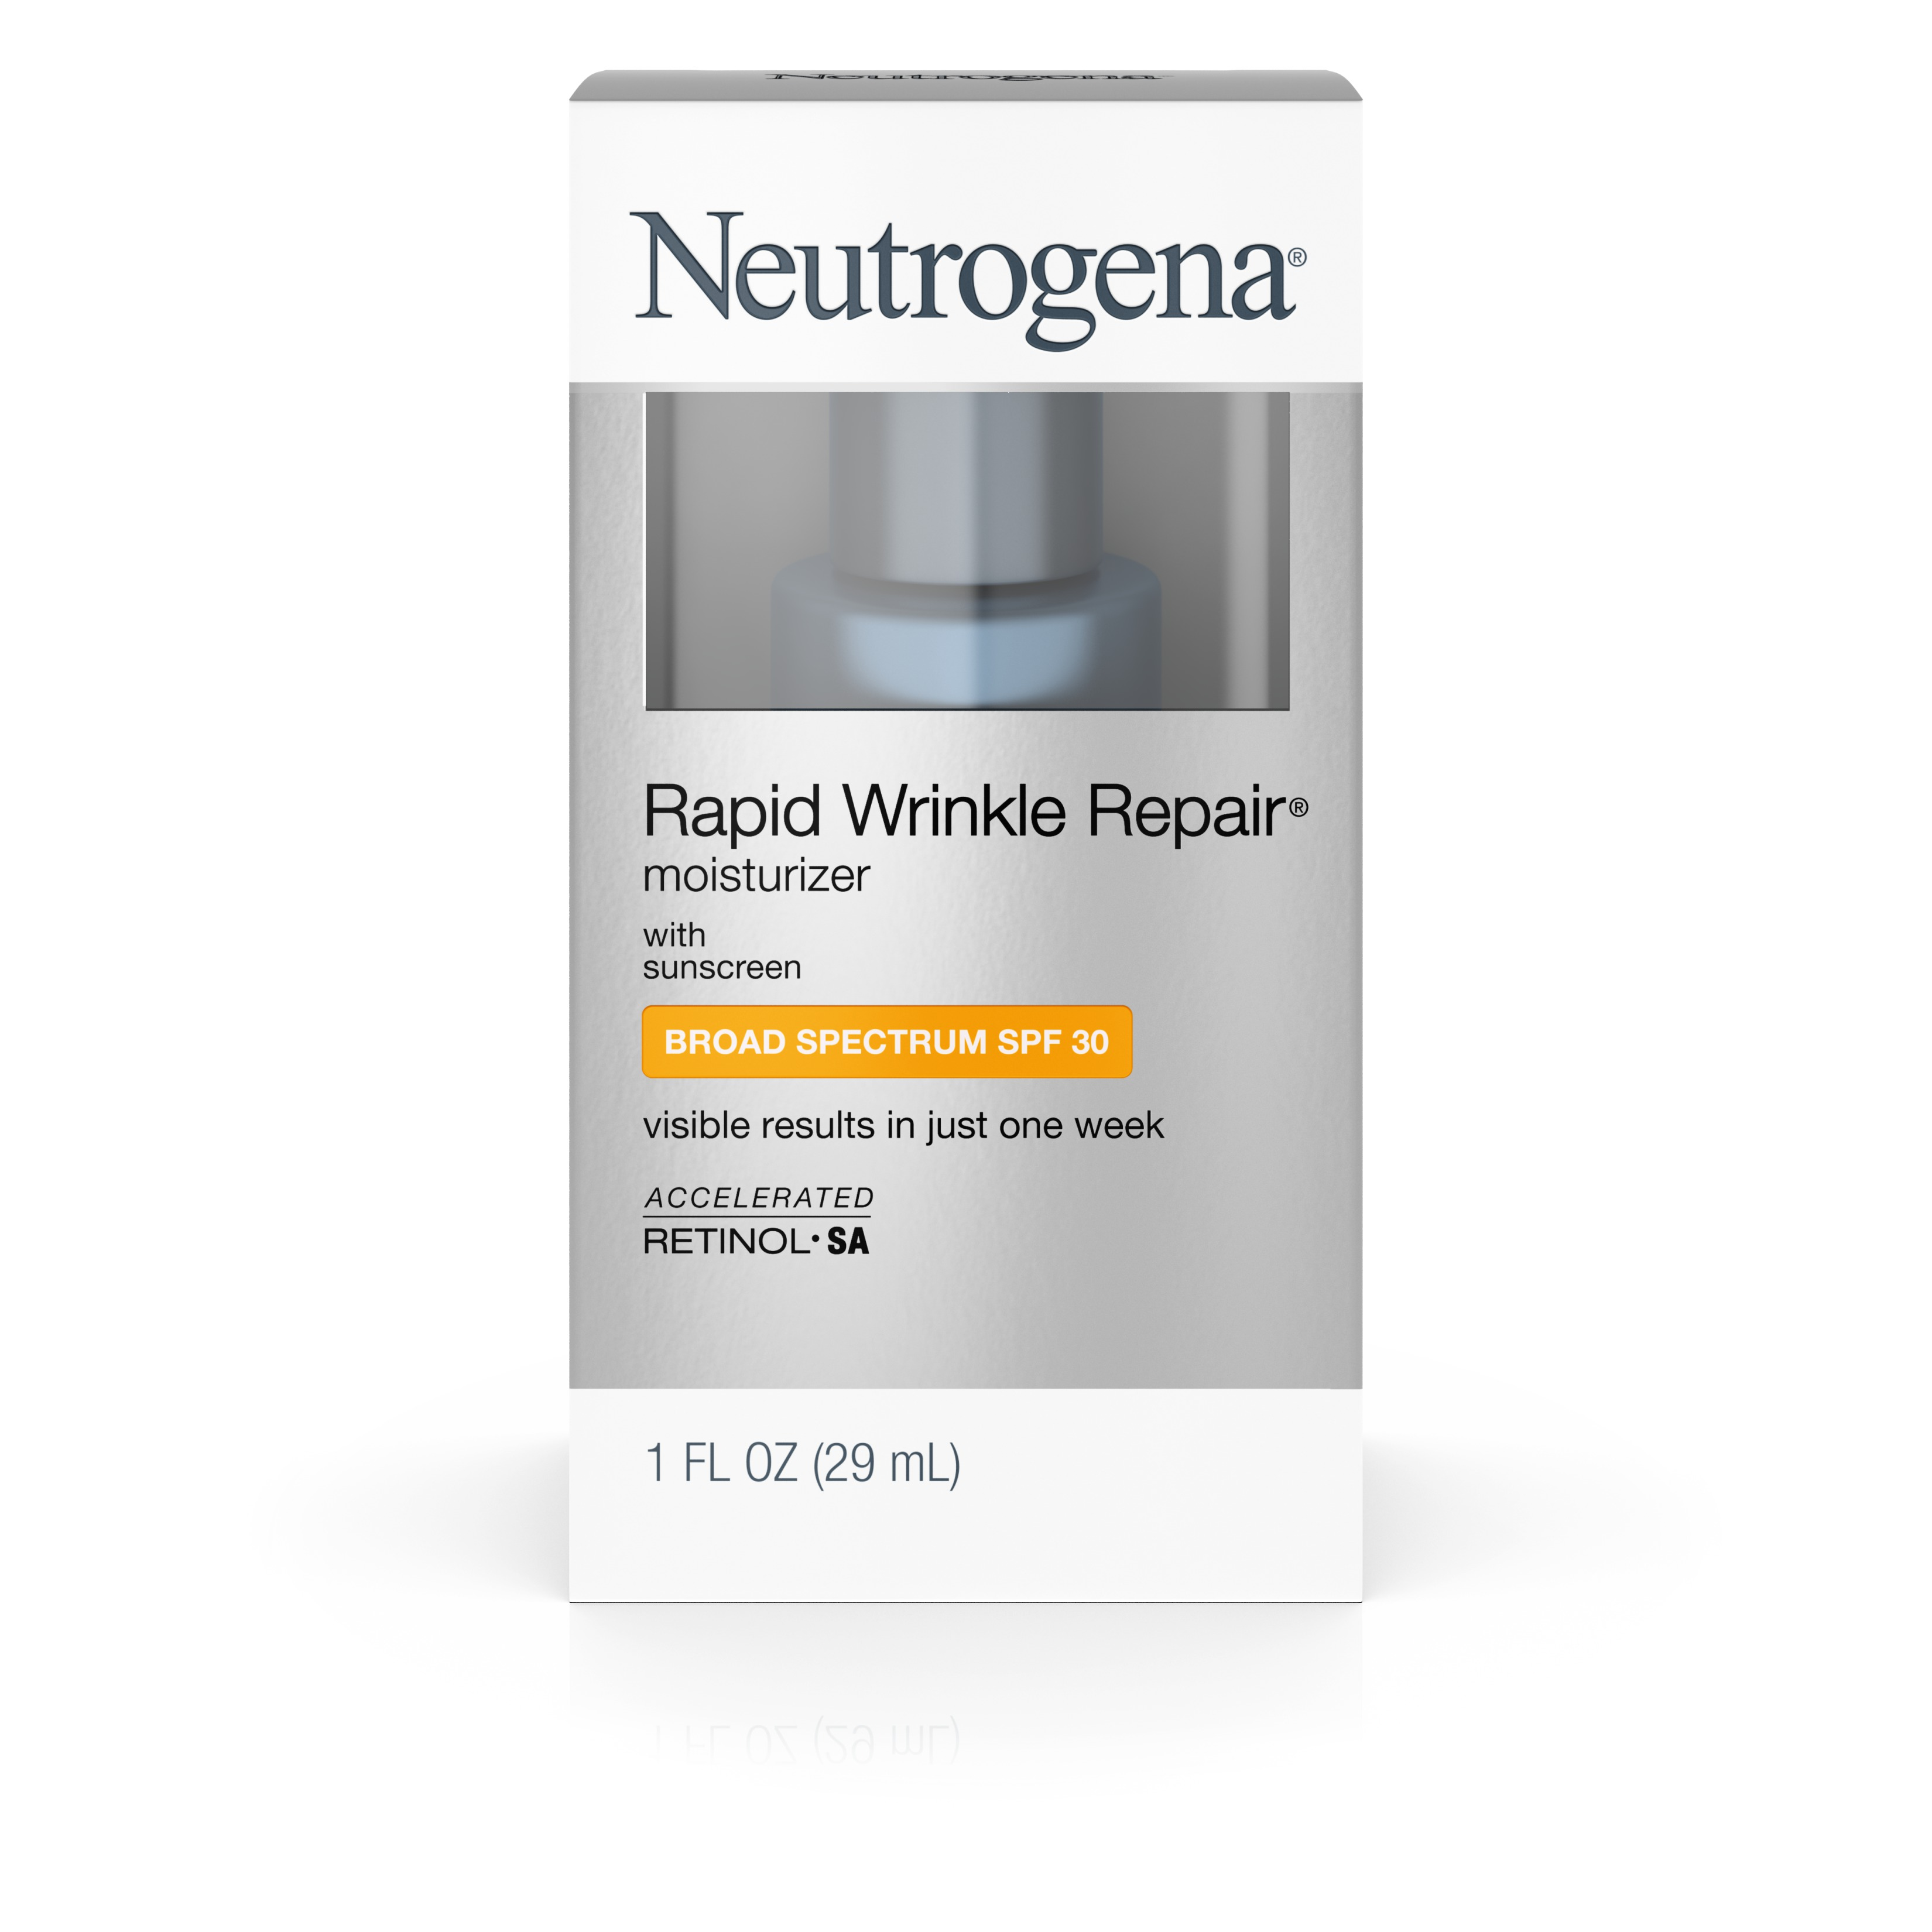 Neutrogena Rapid Wrinkle Repair Moisturizer With Spf 30, 1 Fl. Oz. - Walmart.com